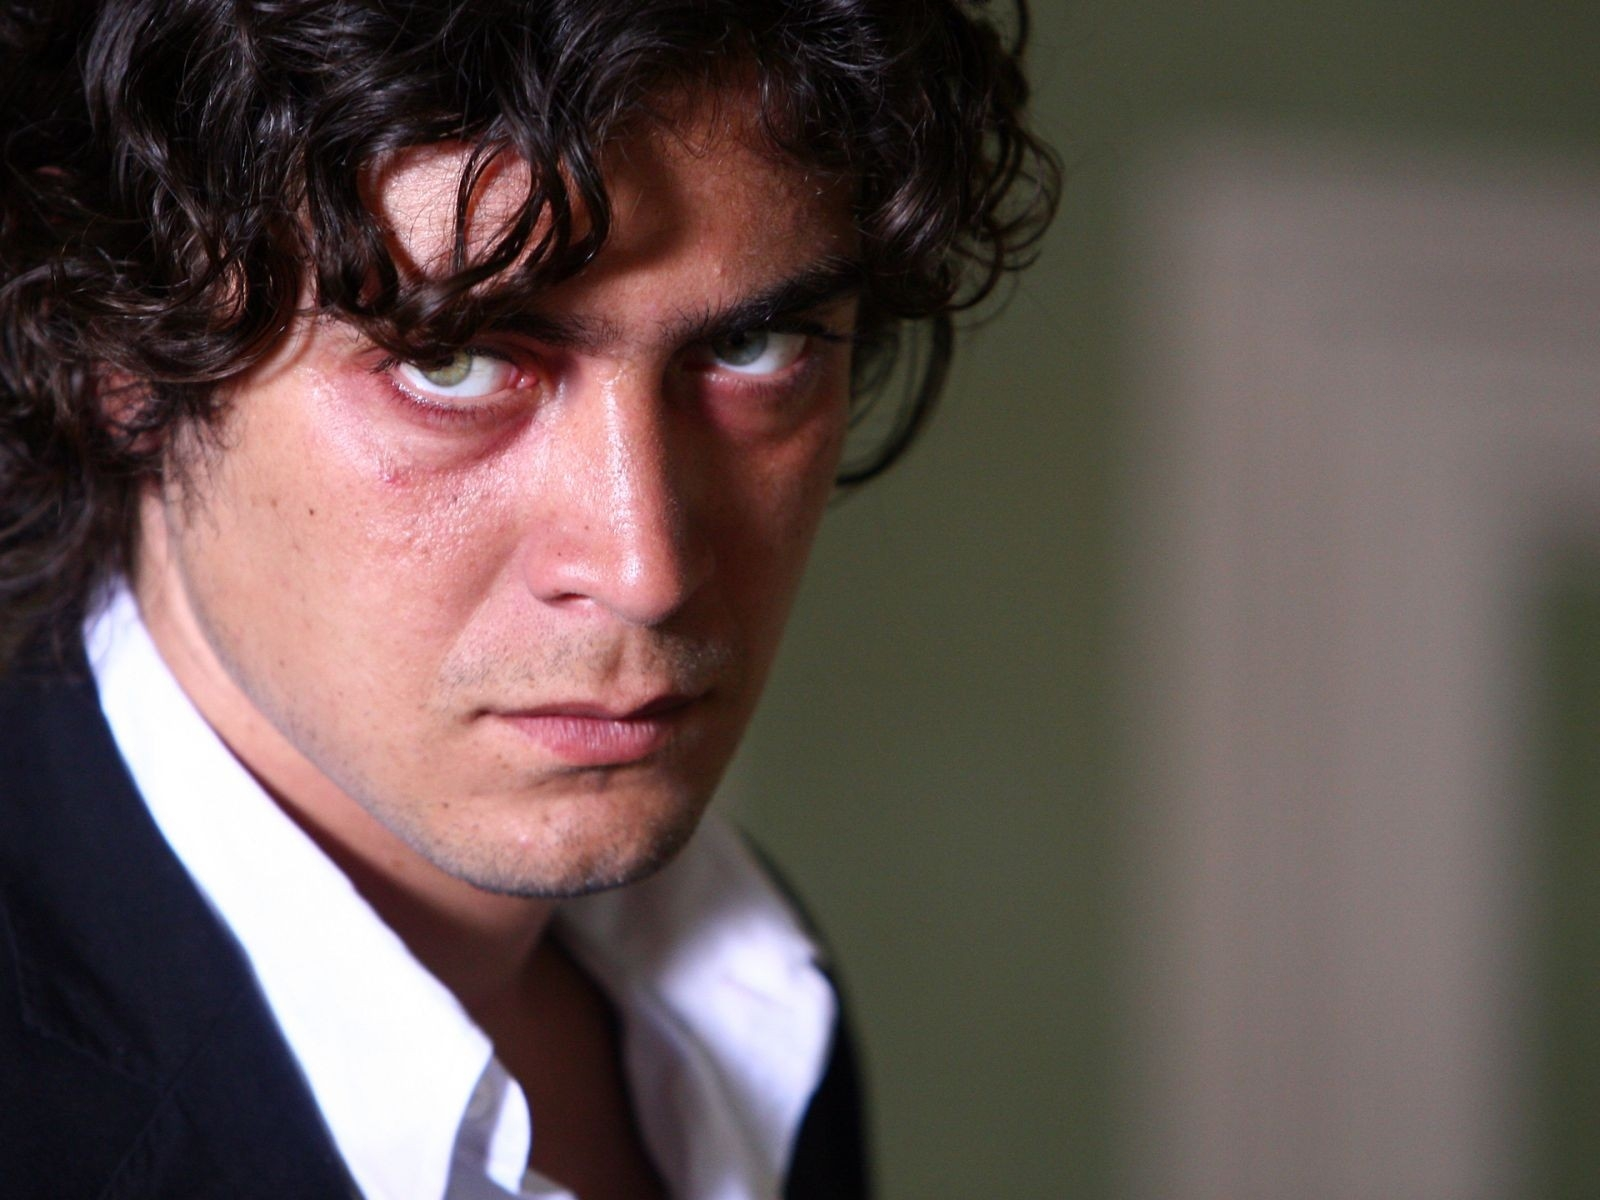 Un intenso sguardo di Riccardo Scamarcio in un wallpaper del film Colpo d'occhio